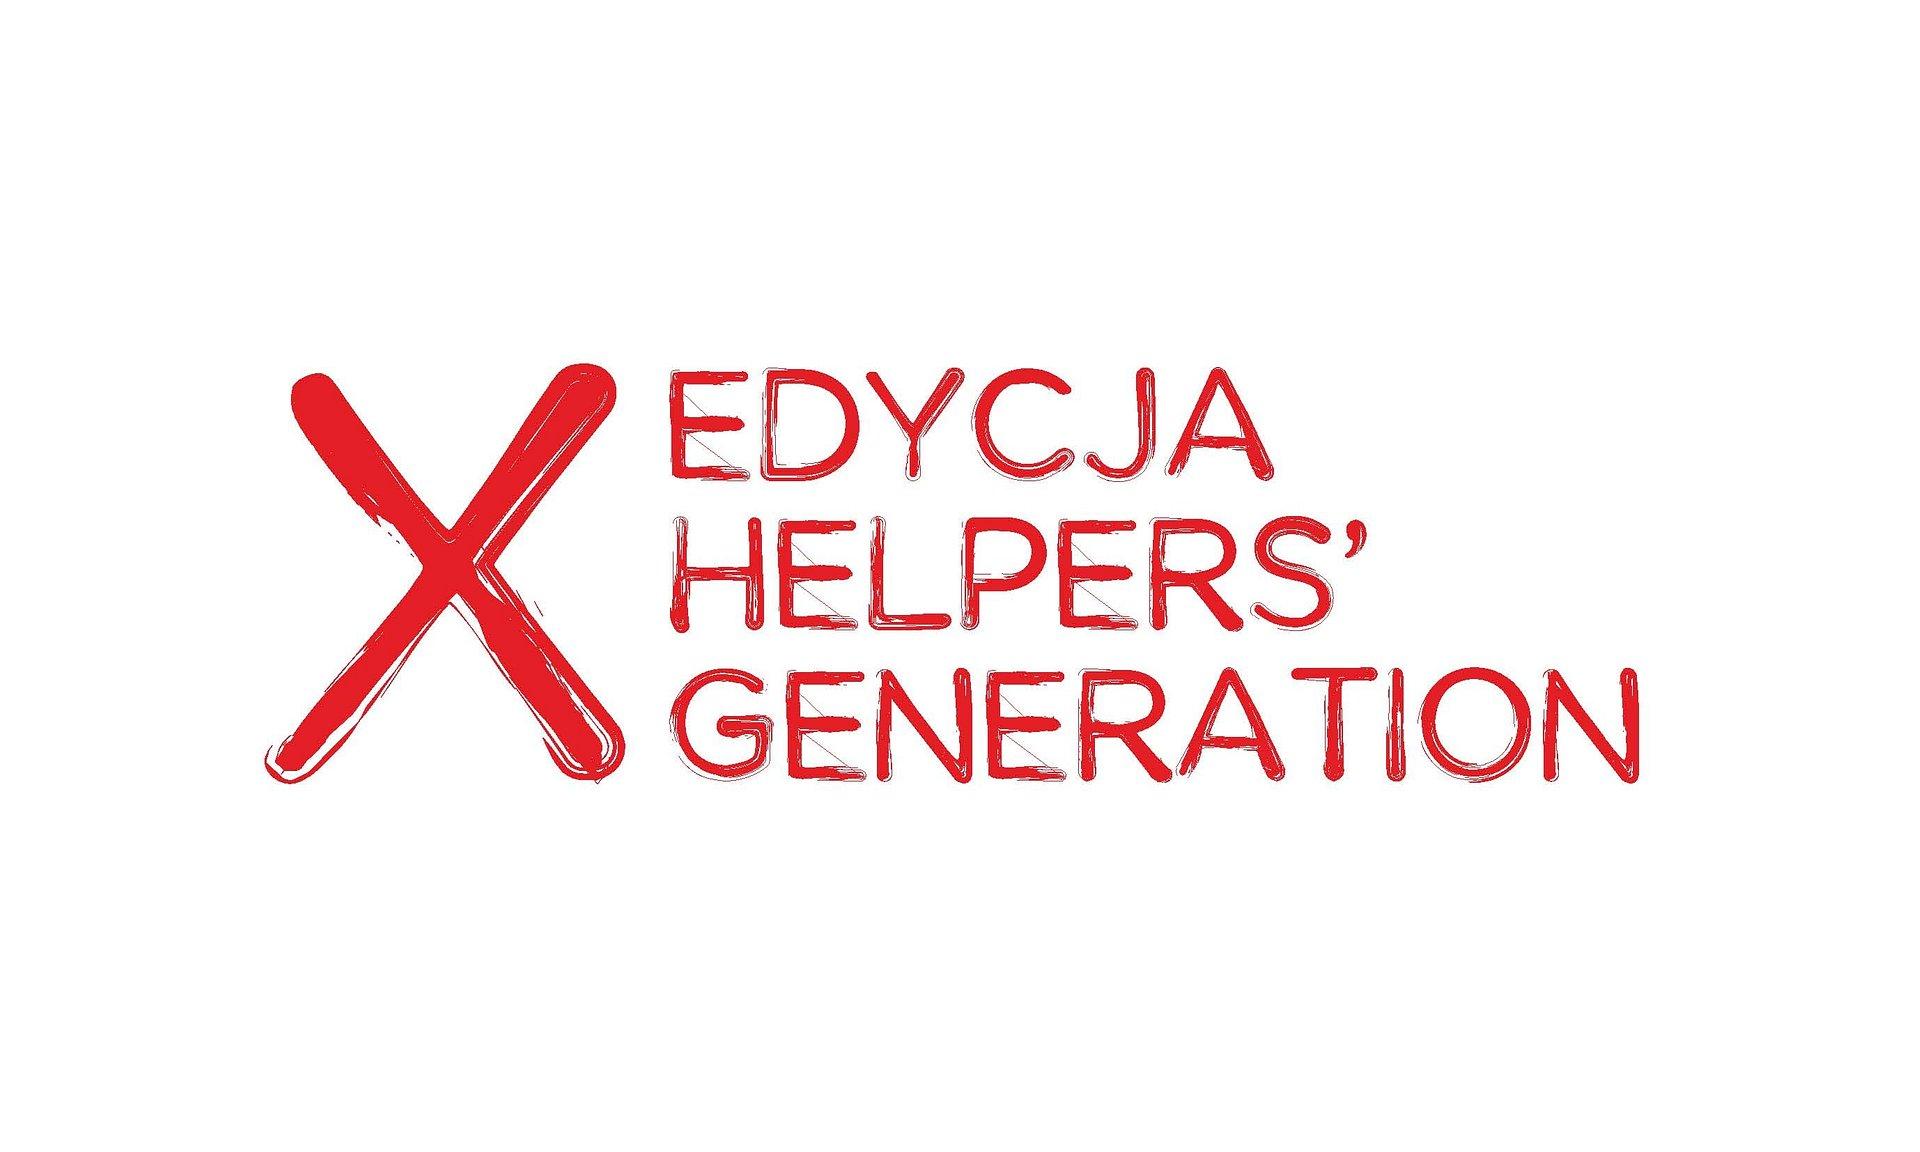 Generacja, która pomaga – siedleccy studenci dla chorej Karinki.Wiosenna edycja akcji HELPERS' GENERATION